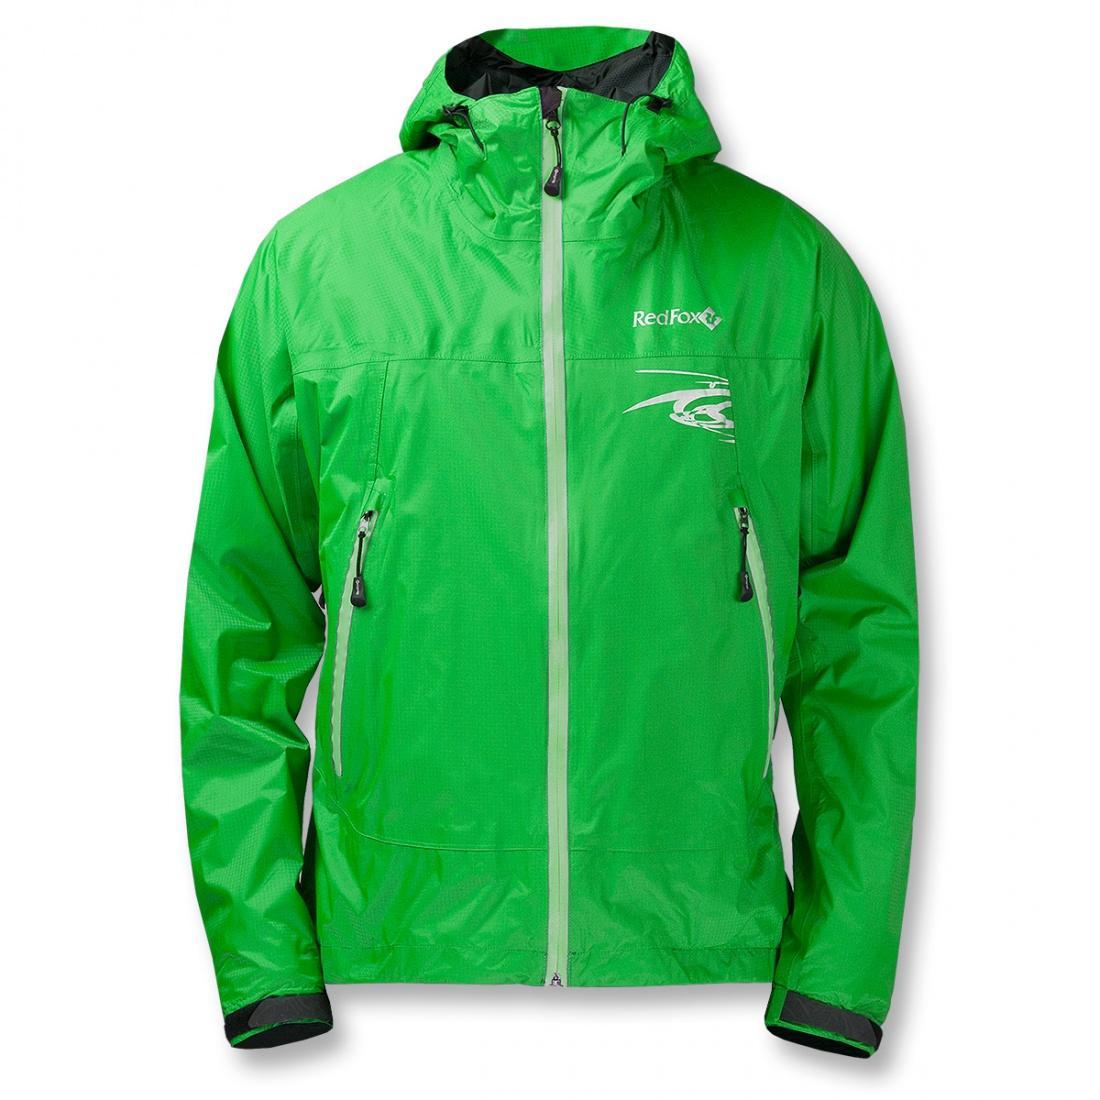 Куртка ветрозащитная Trek IIКуртки<br><br><br> Легкая влаго-ветрозащитная куртка для использованияв ветреную или...<br><br>Цвет: Зеленый<br>Размер: 54